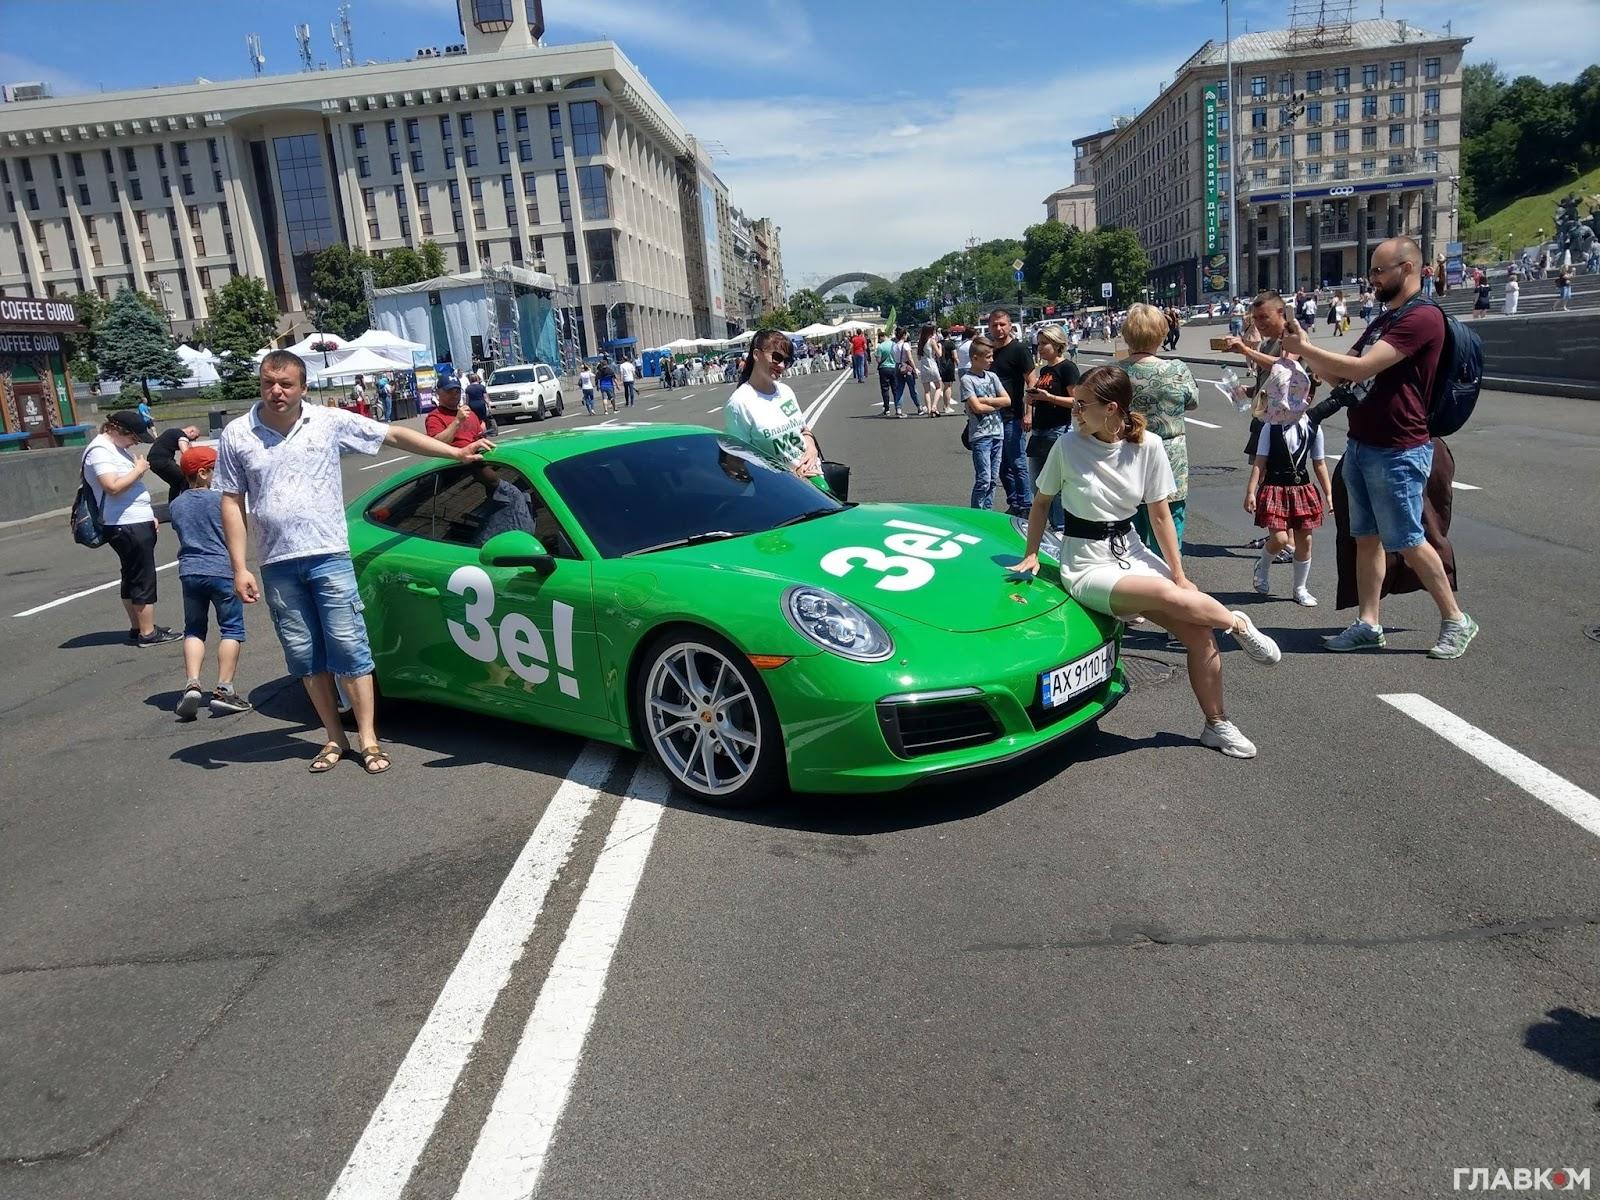 Українці навіть перефарбовують власні автомобілі у кольори провладної партії